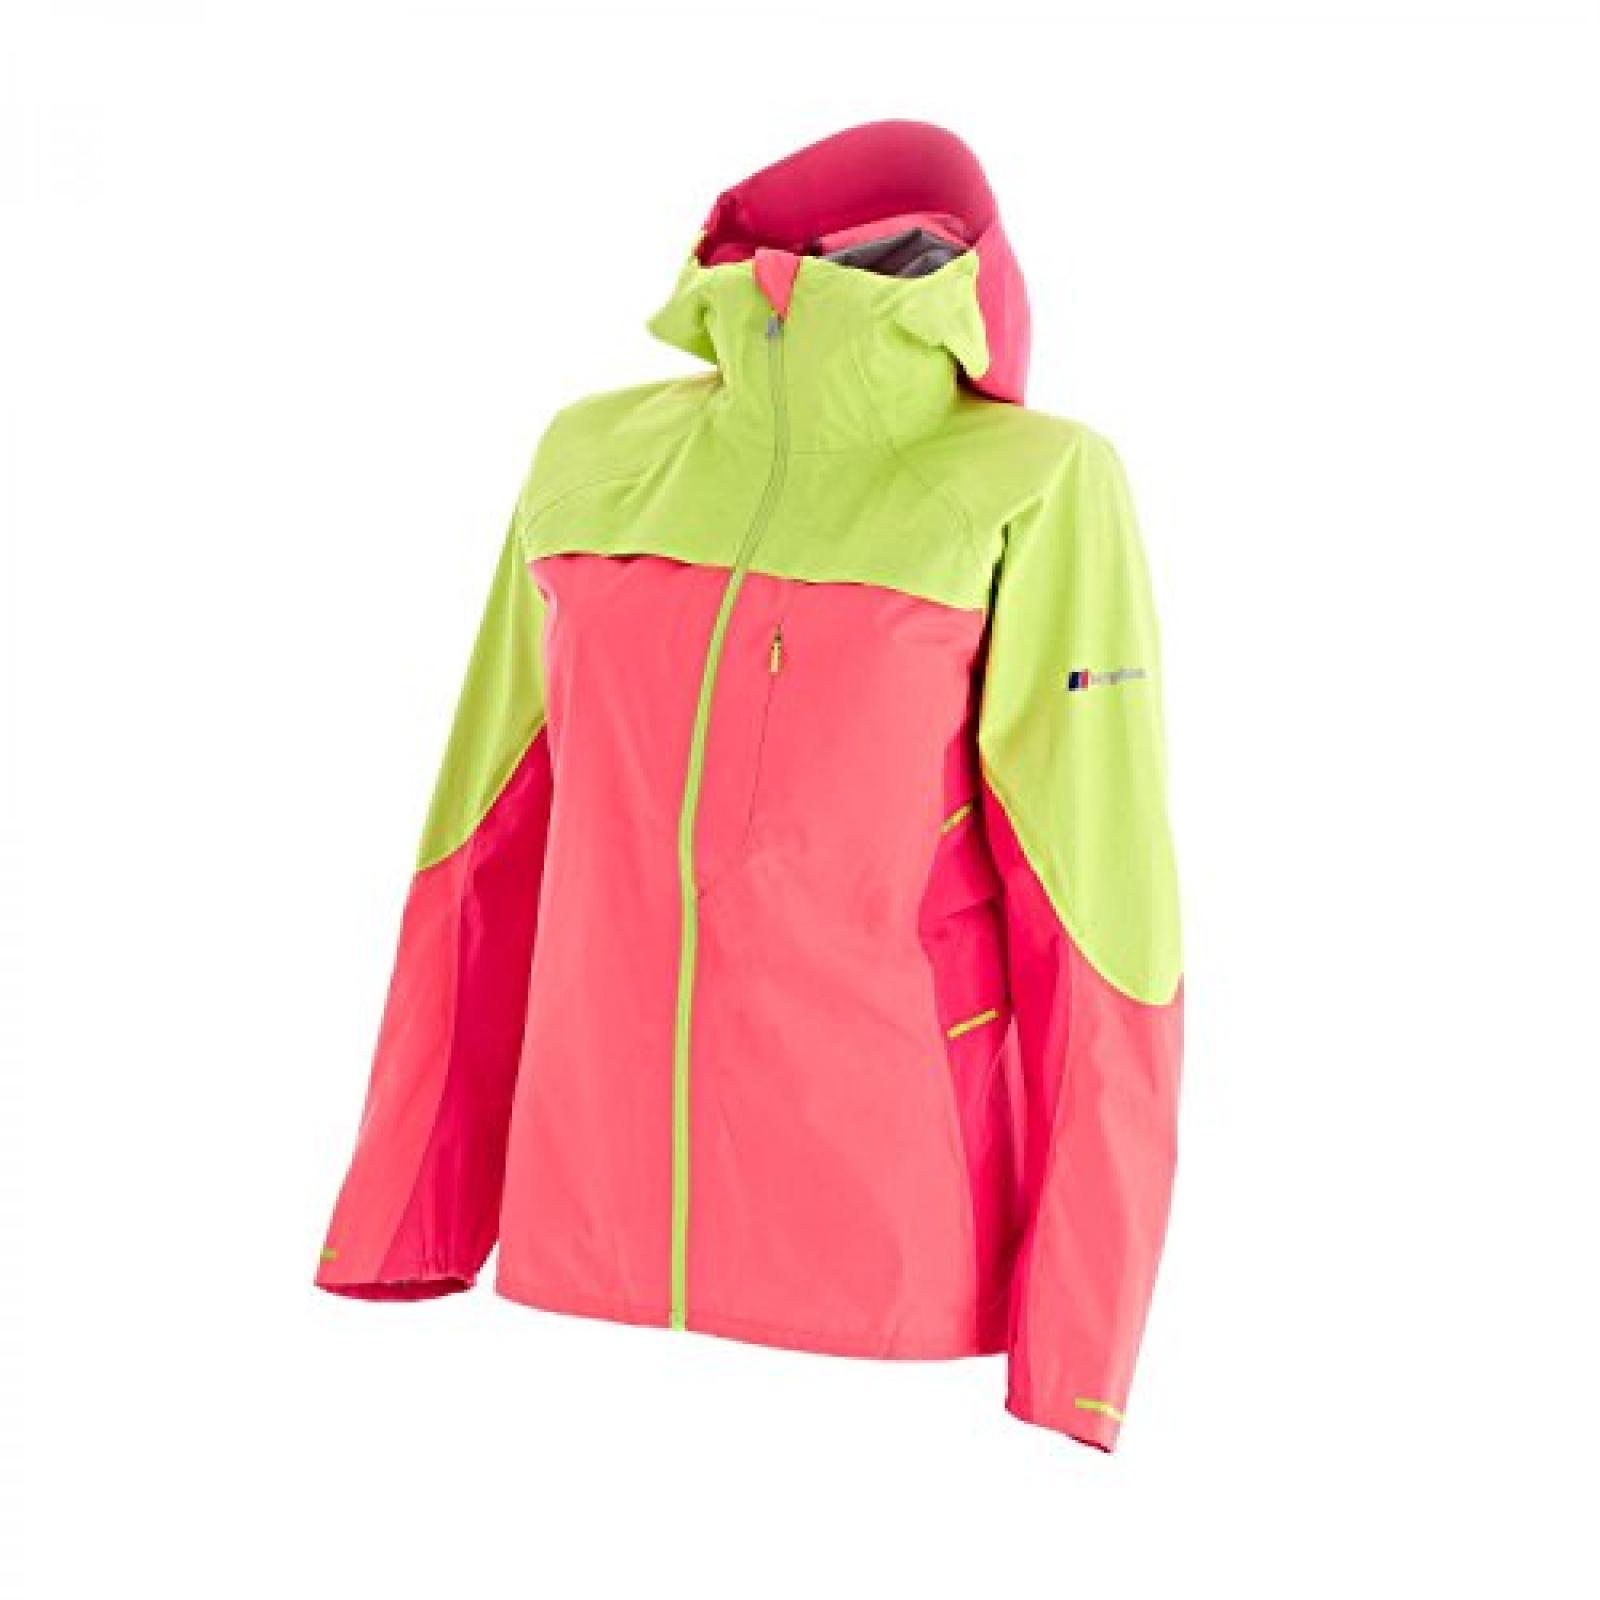 berghaus W Vapour Storm Jacket dubarry/lime zest/geranium